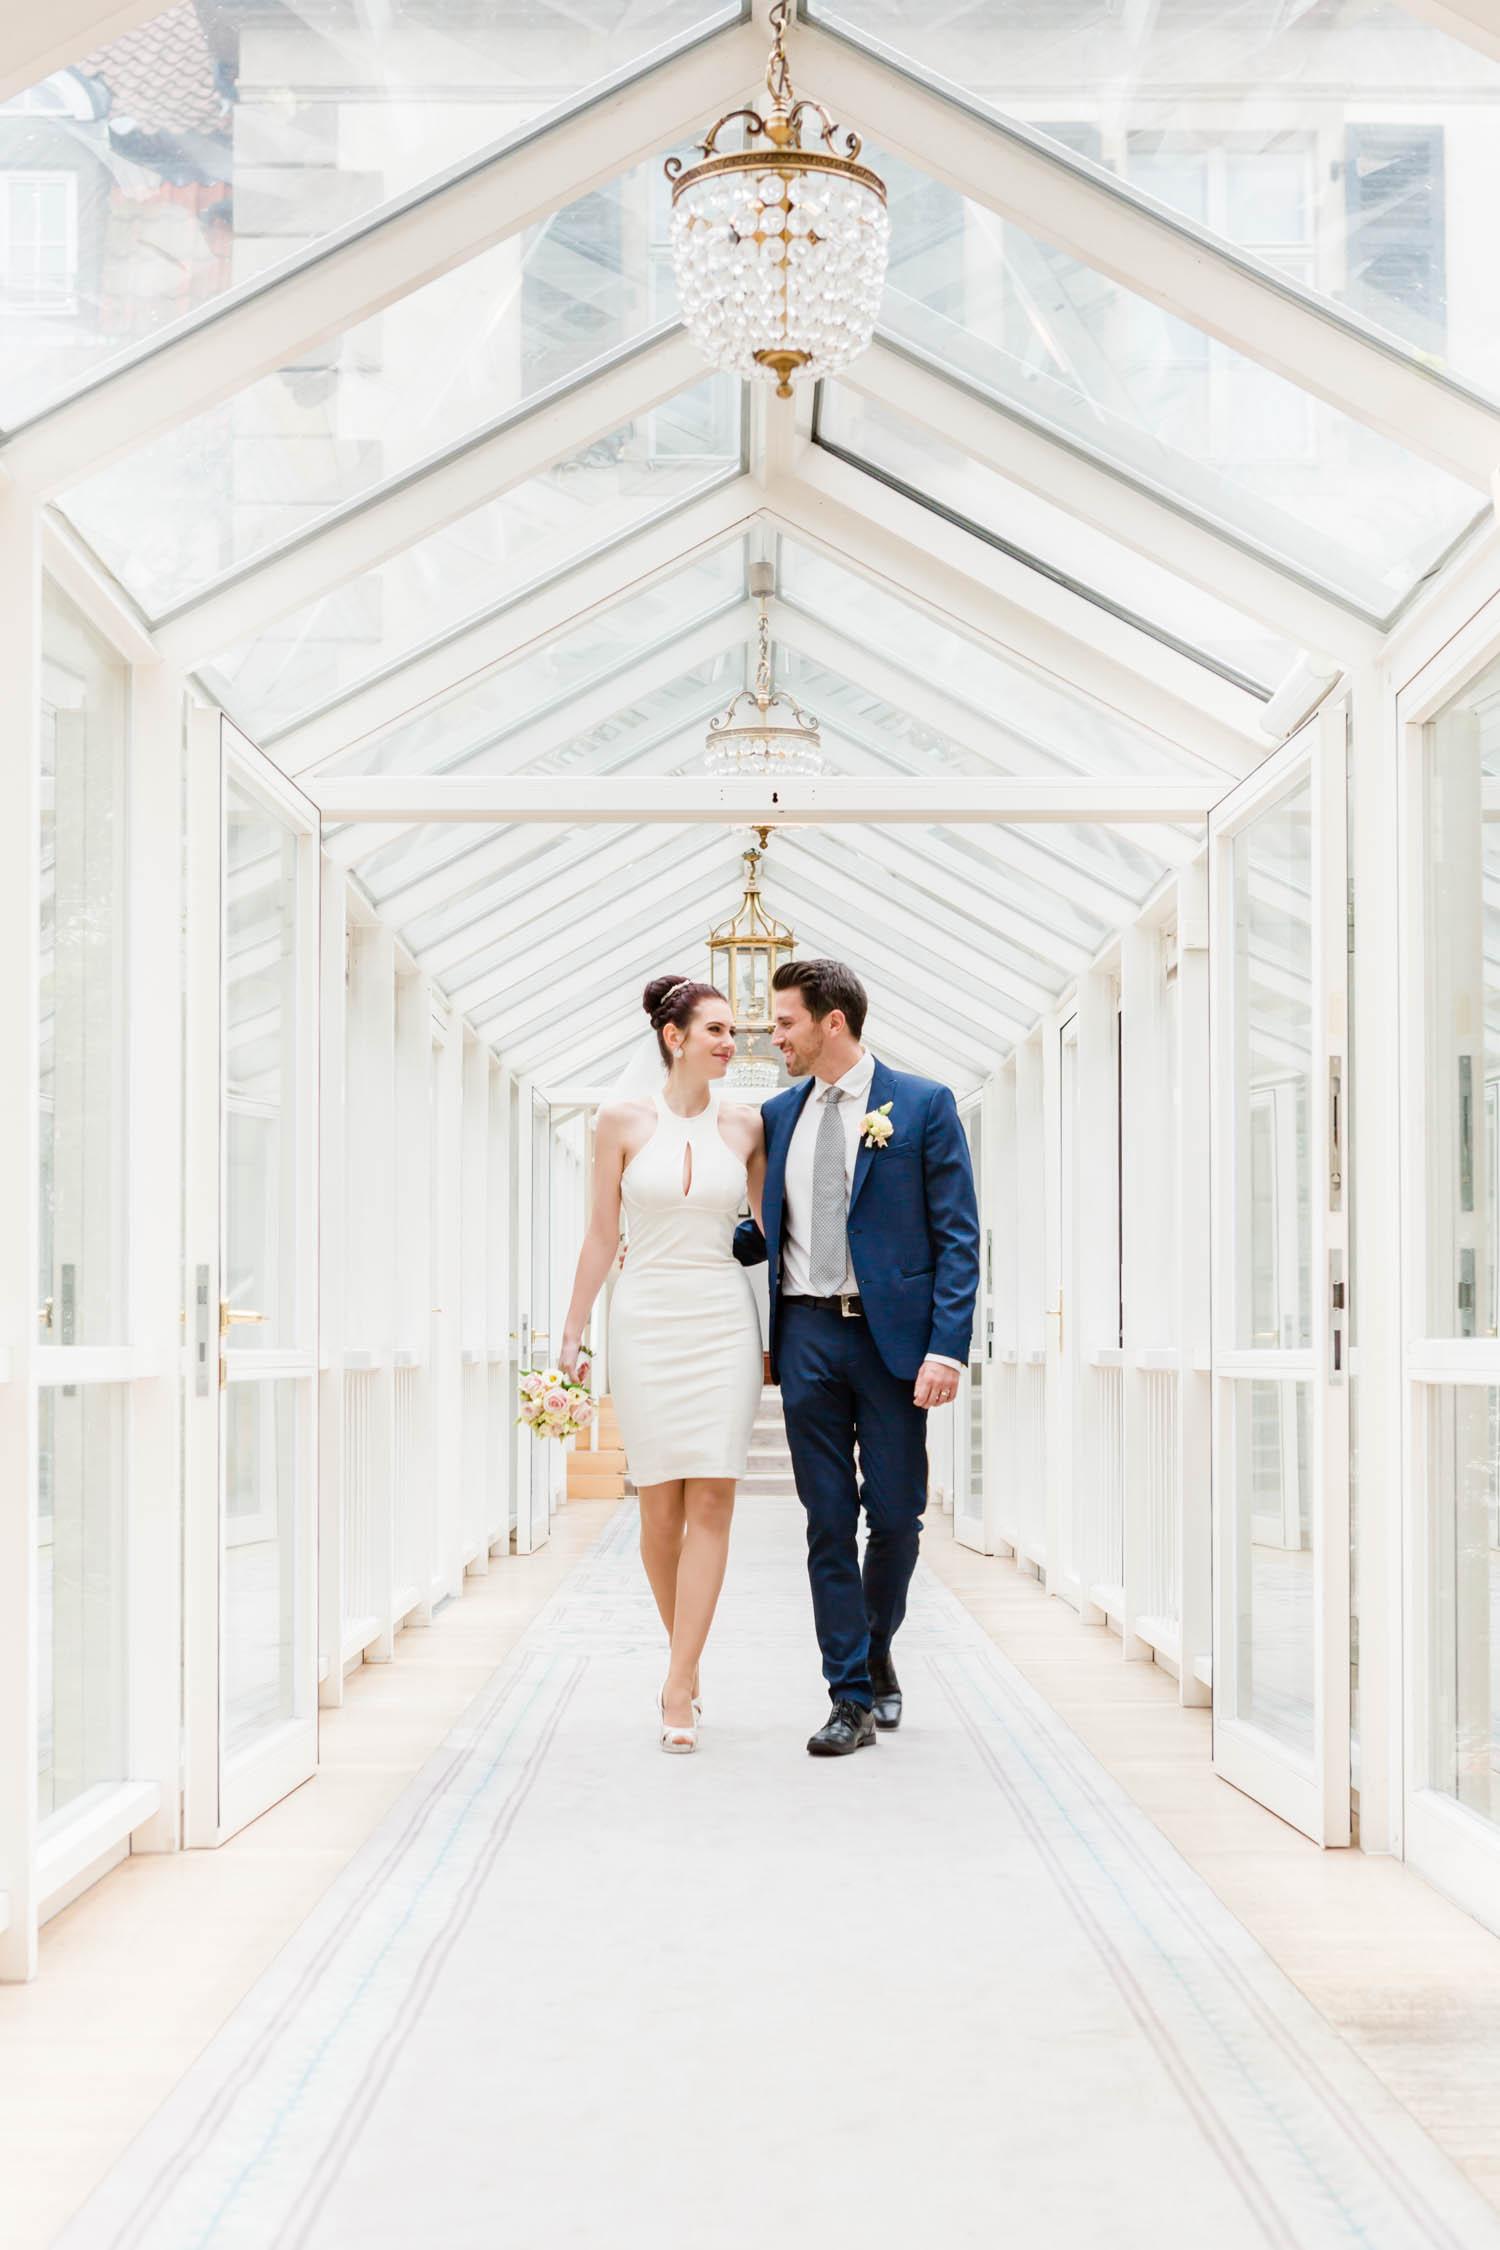 Hochzeitsfotos im Patrick Hellmann Schlosshotel Grunewald Berlin im Wintergarten